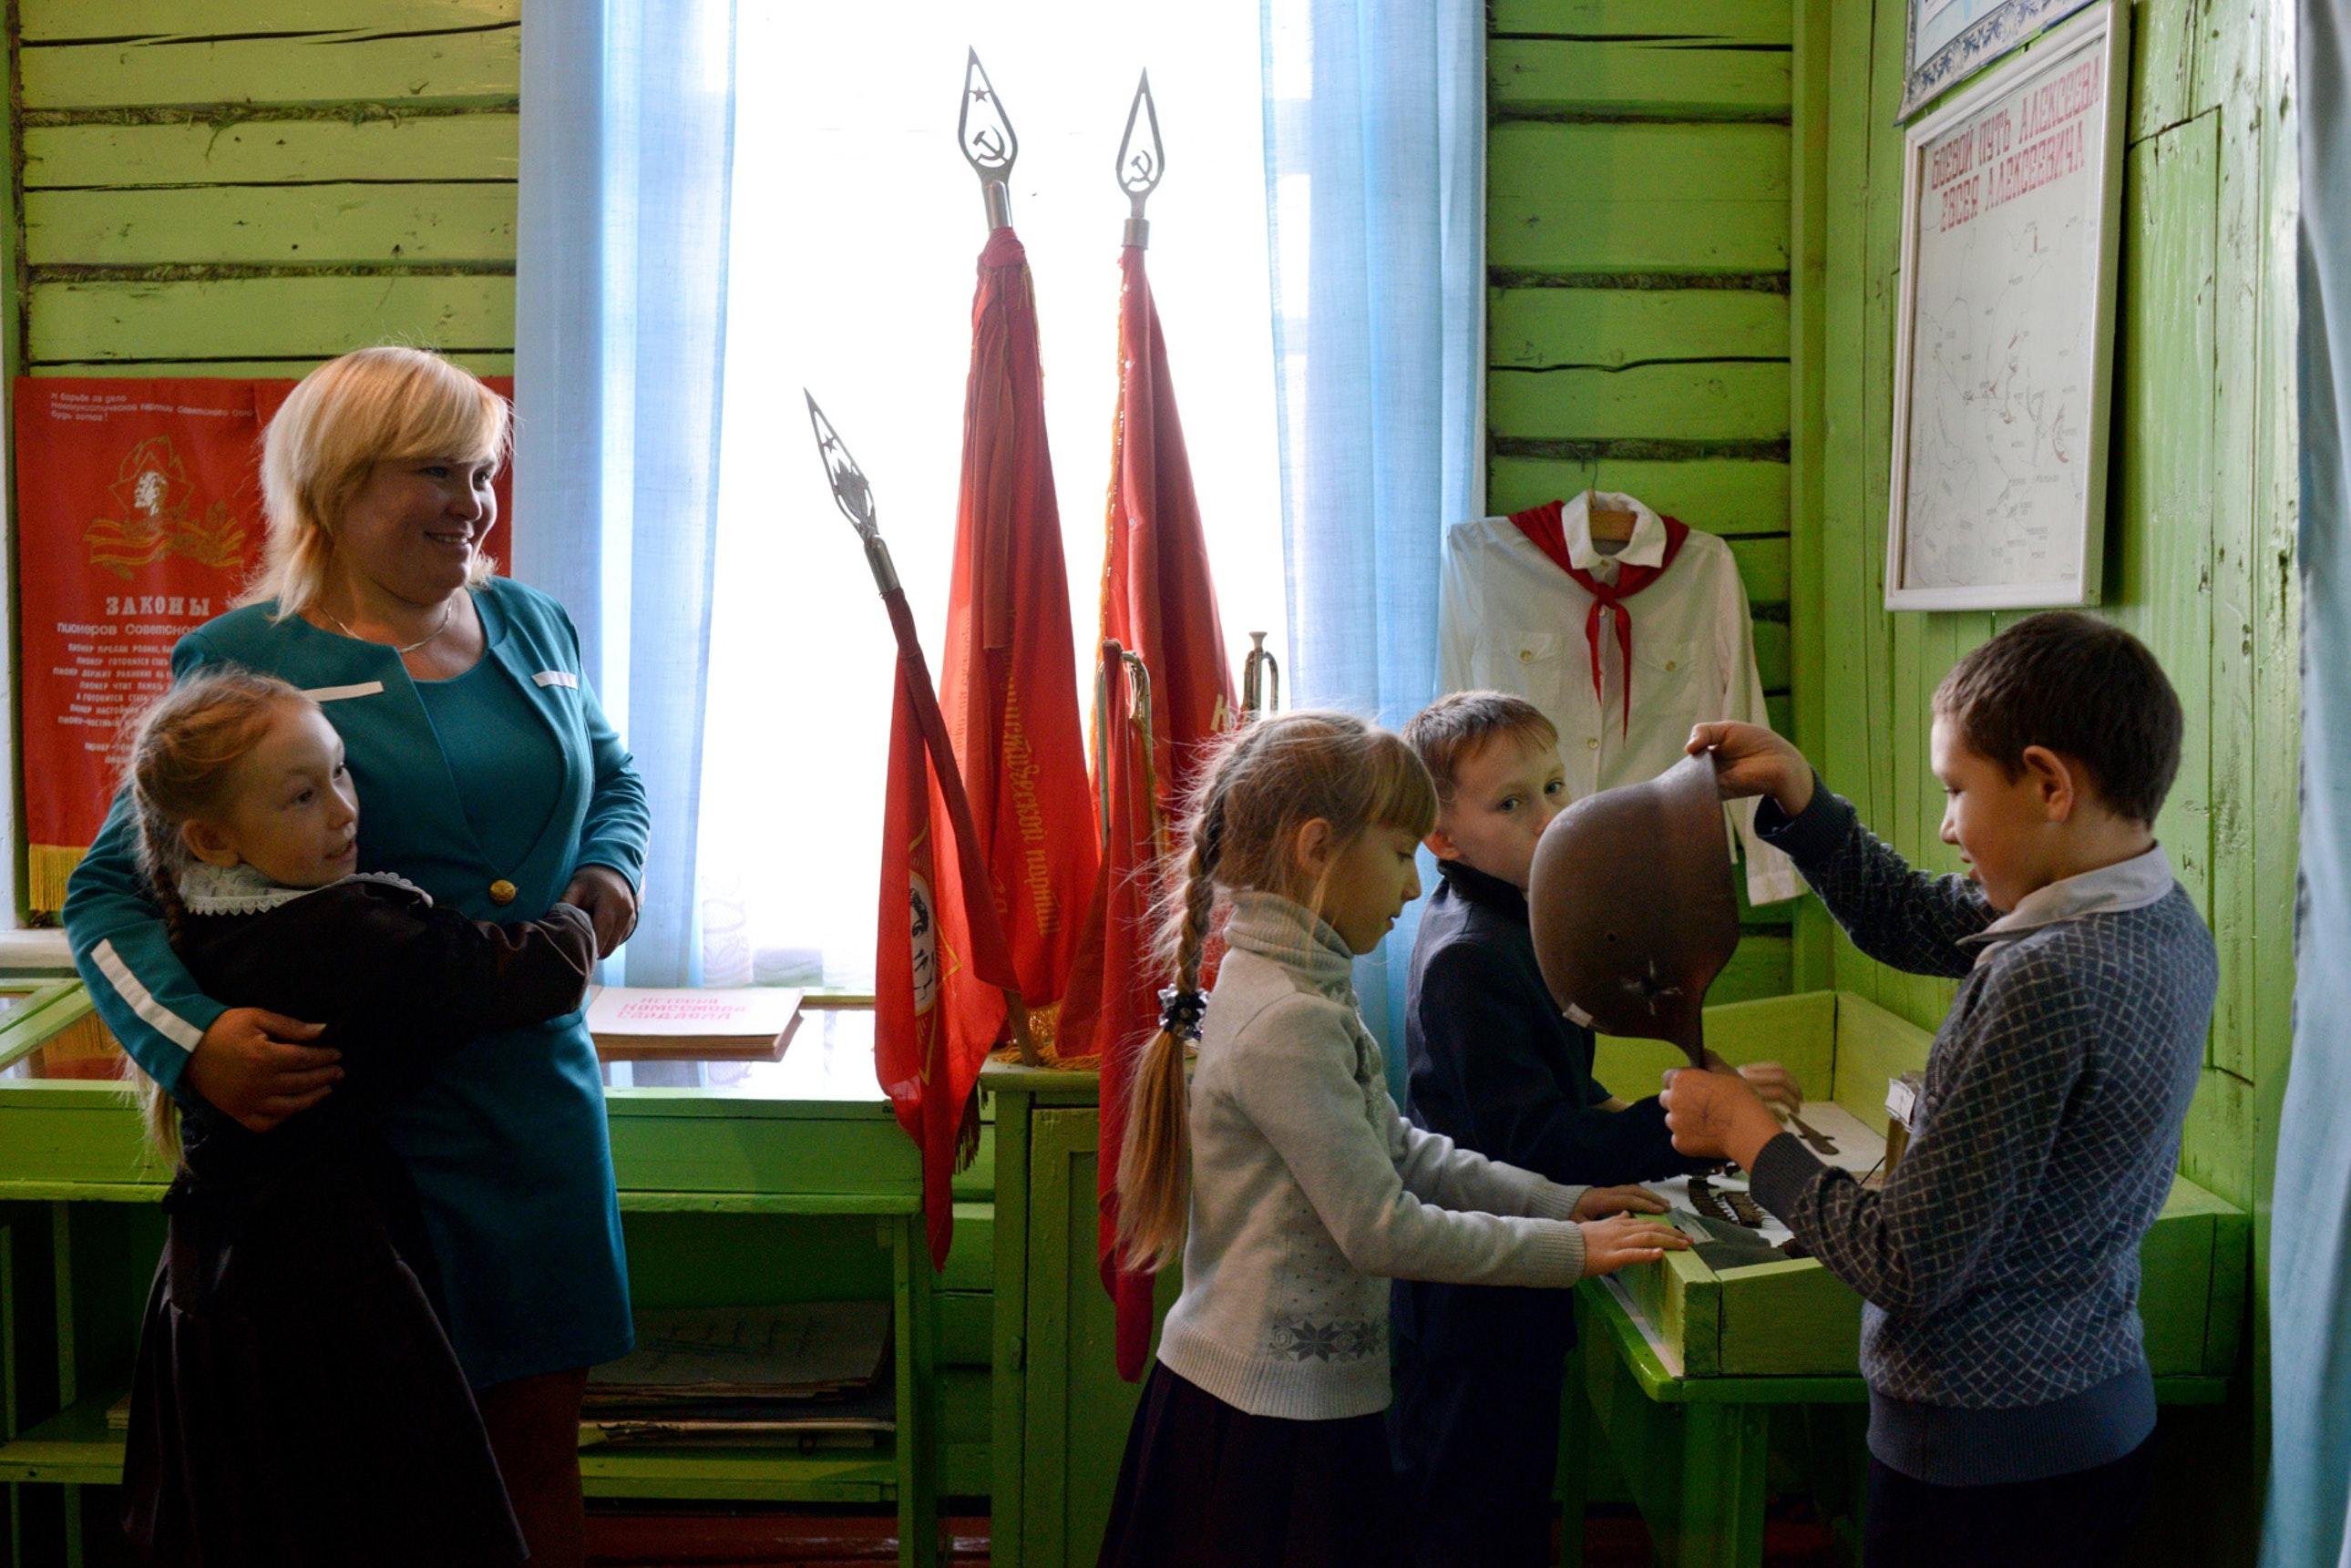 Ponomarev school mariy el 17